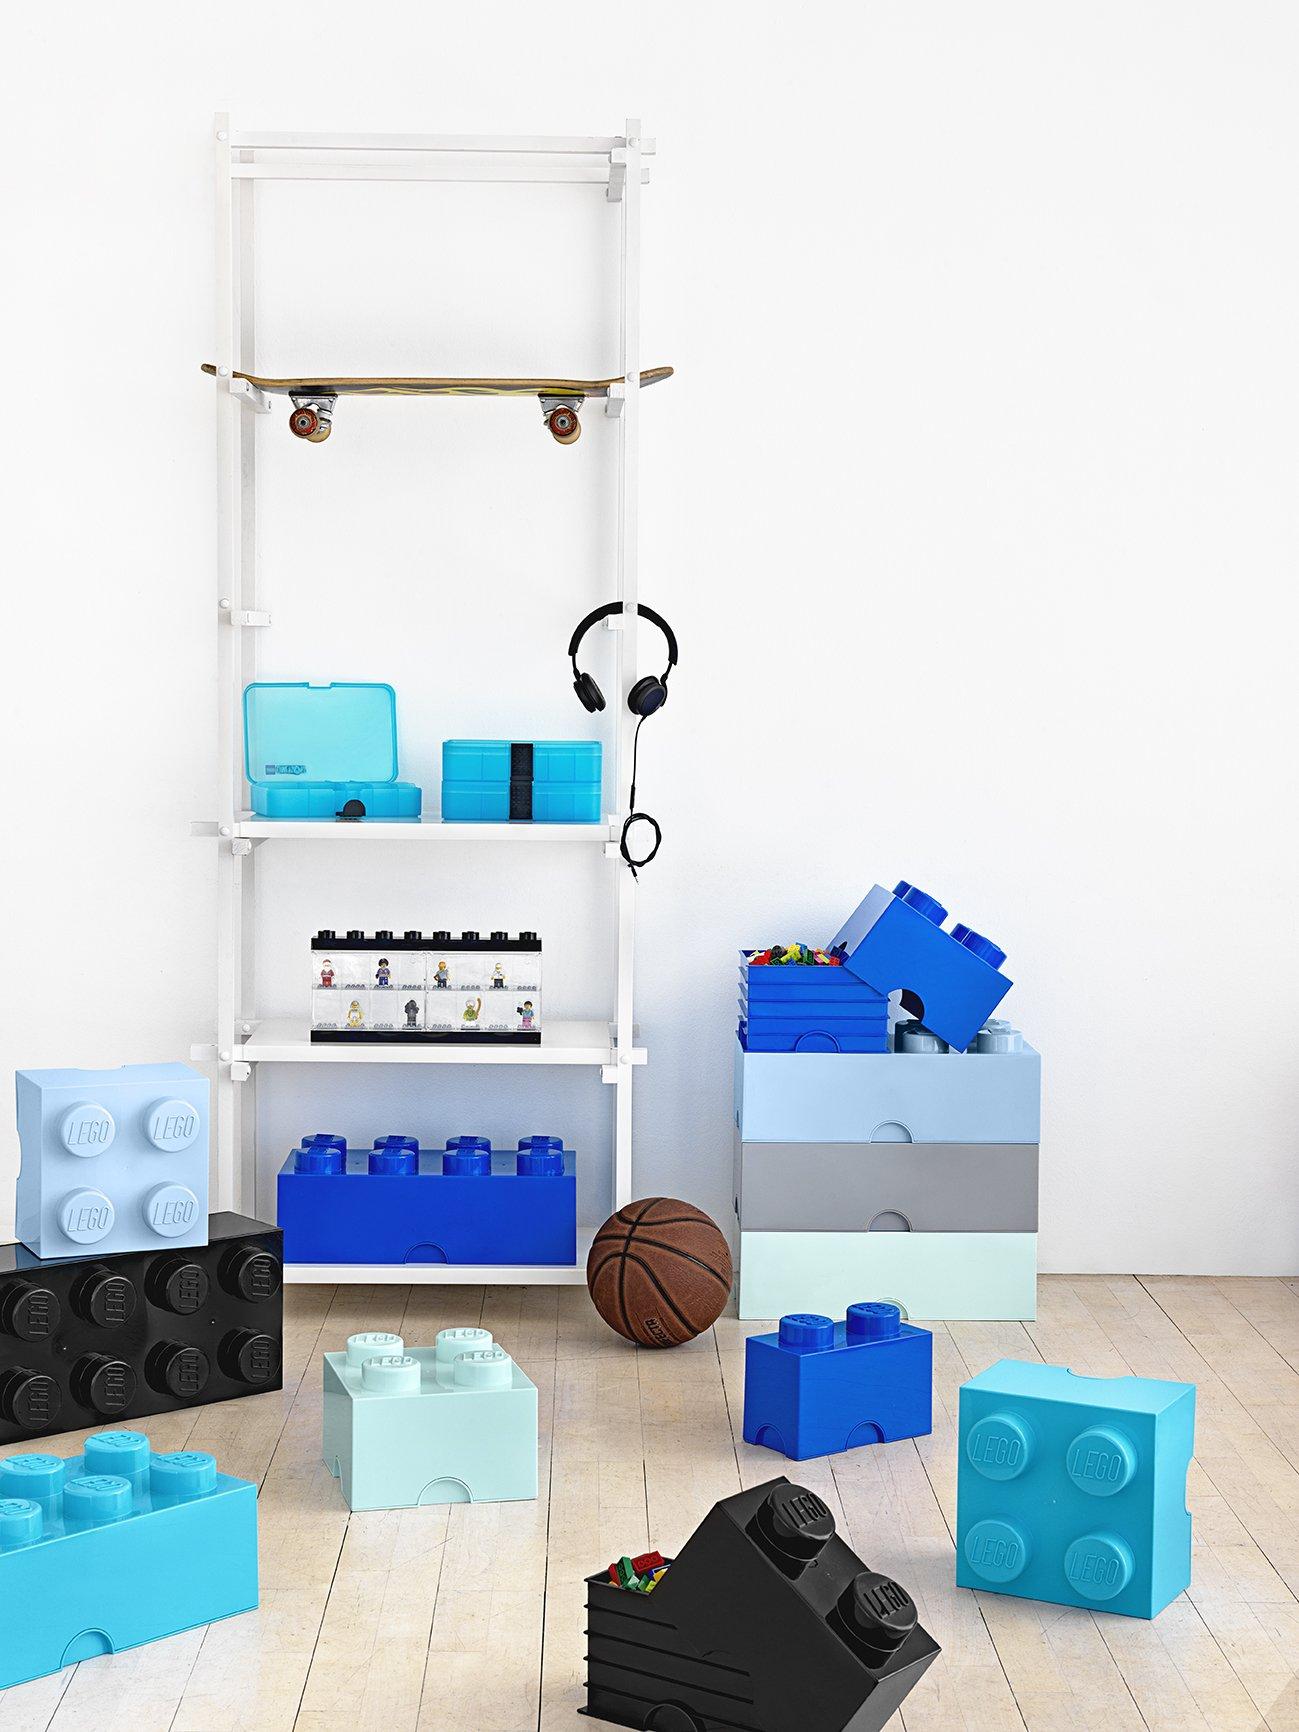 Mattoncino-contenitore Lego a 4 Bottoncini, Contenitore Impilabile, 5,7 Litri, Acqua & Lego Brick Mattoncino Bottoncini… 3 spesavip